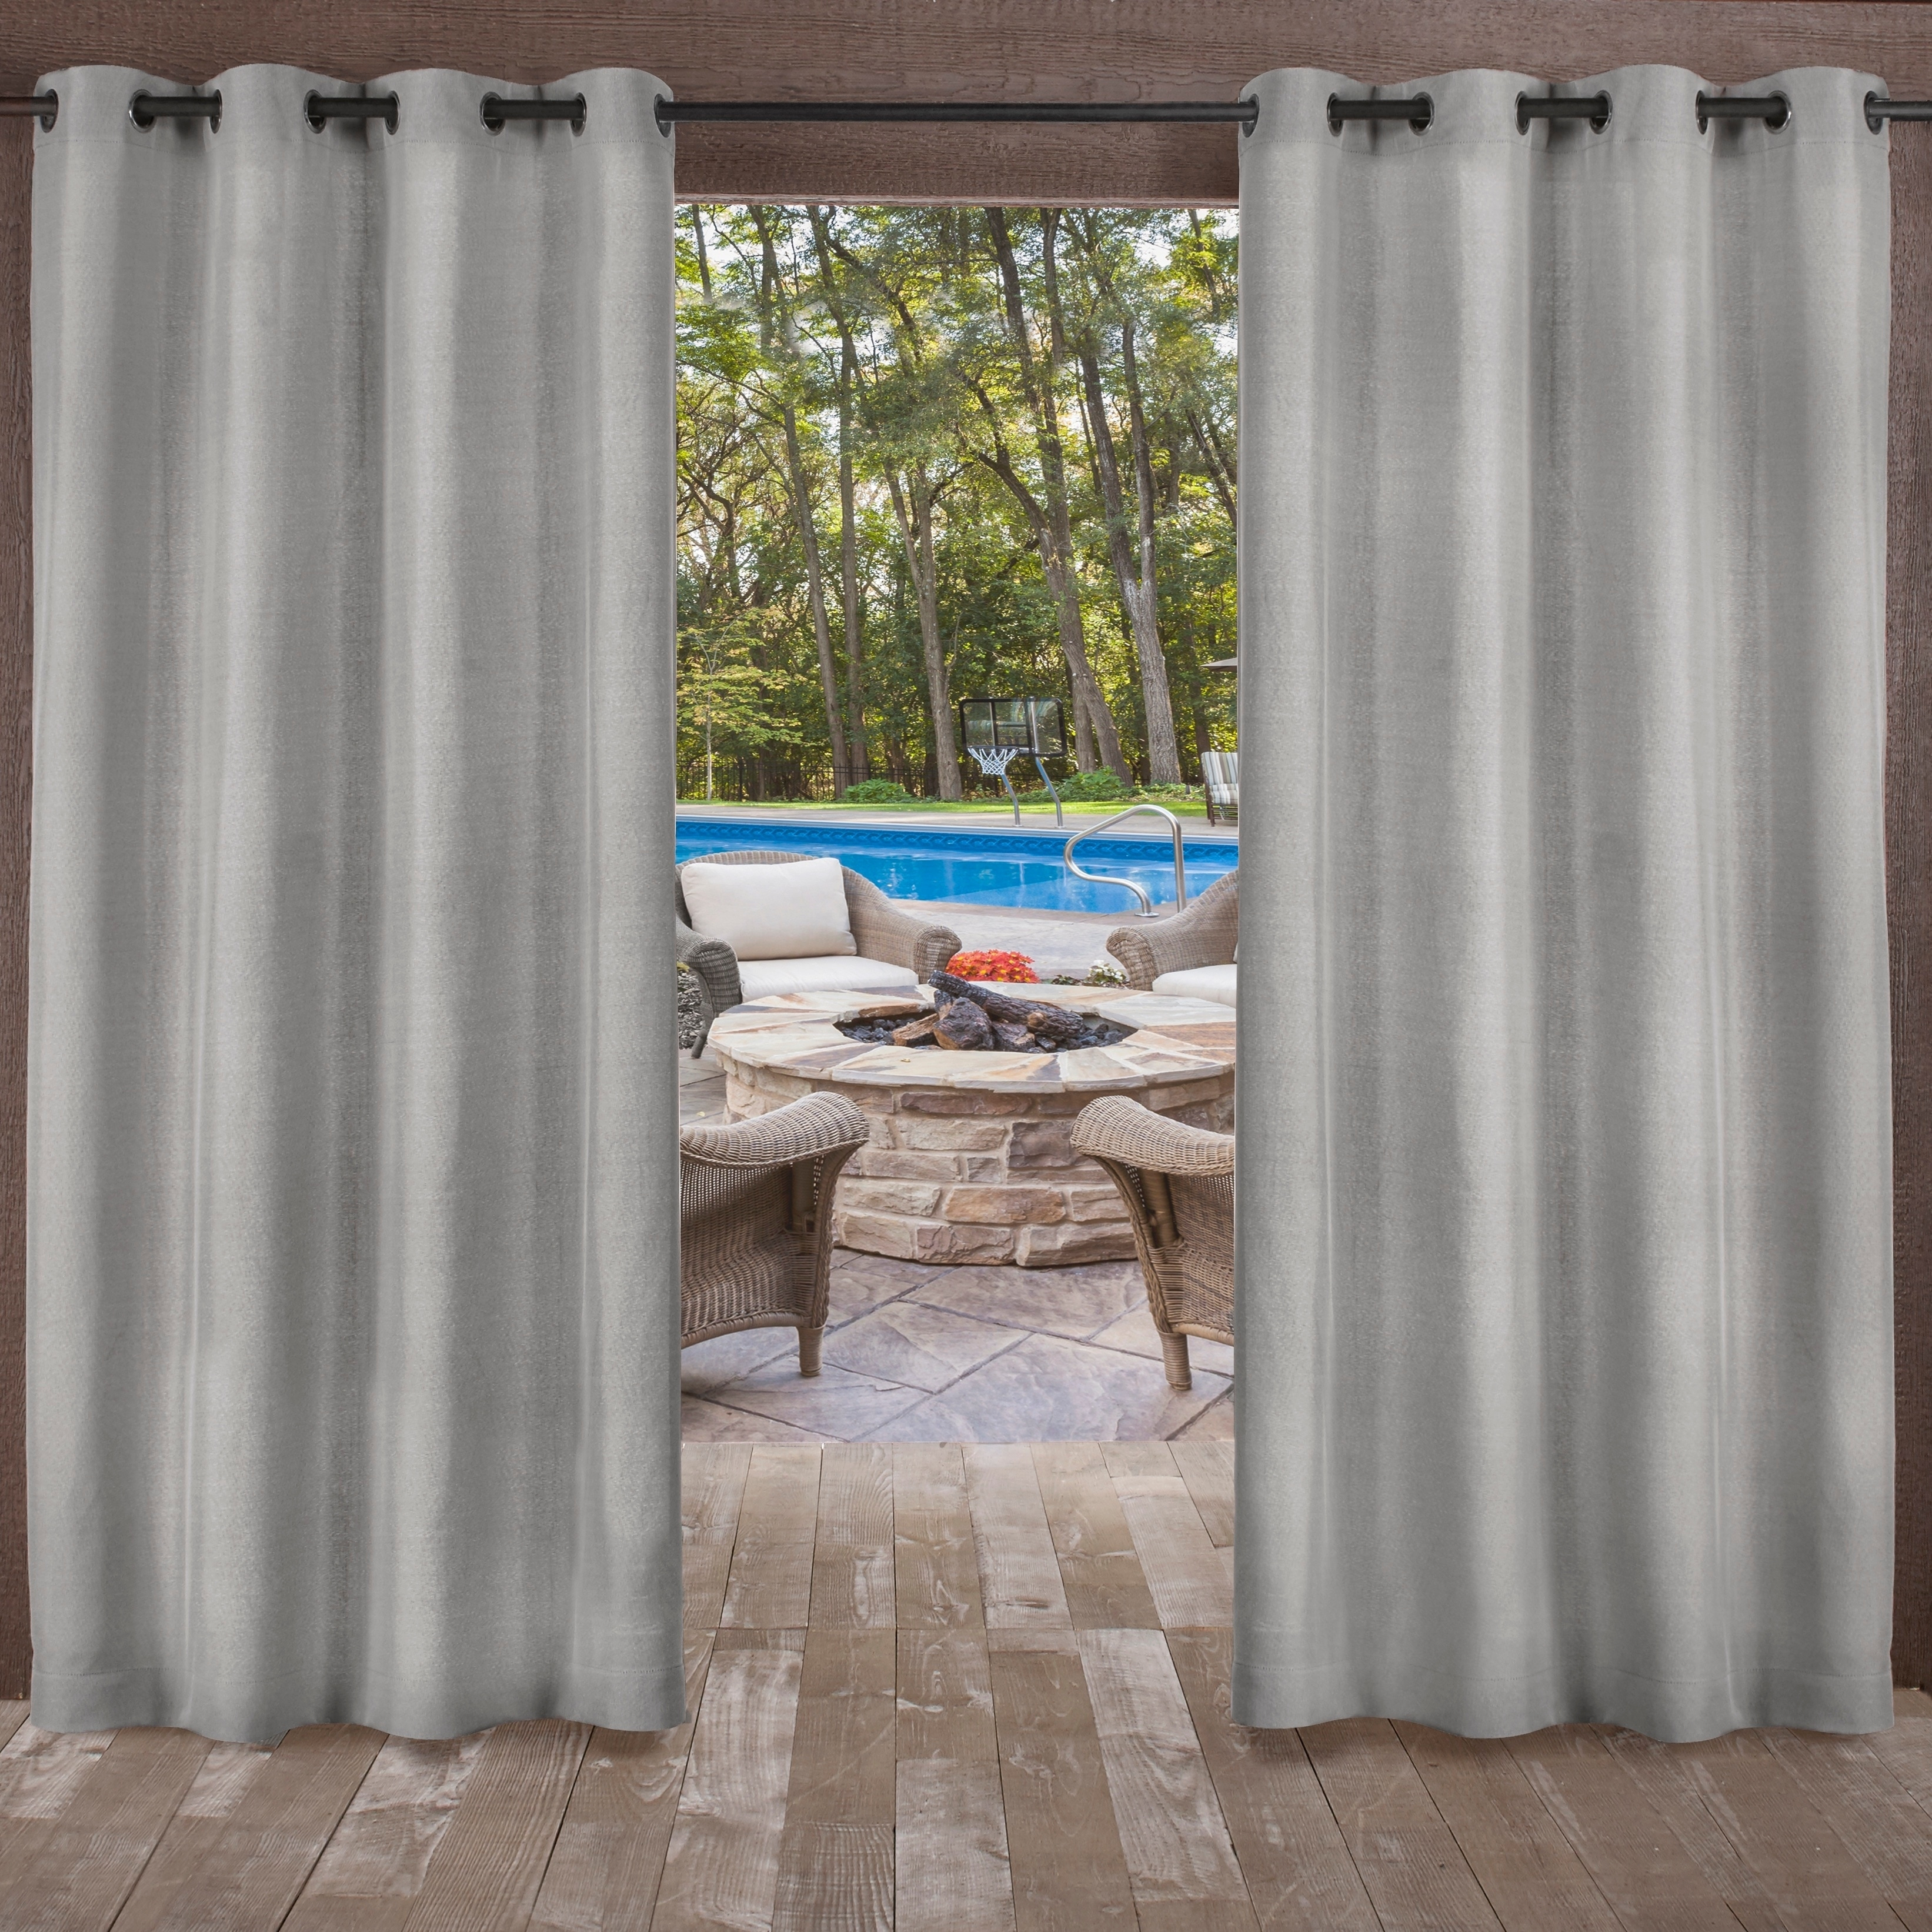 Ati Home Indoor/outdoor Grommet Top Curtain Panel Pair Intended For Indoor/outdoor Solid Cabana Grommet Top Curtain Panel Pairs (View 1 of 20)